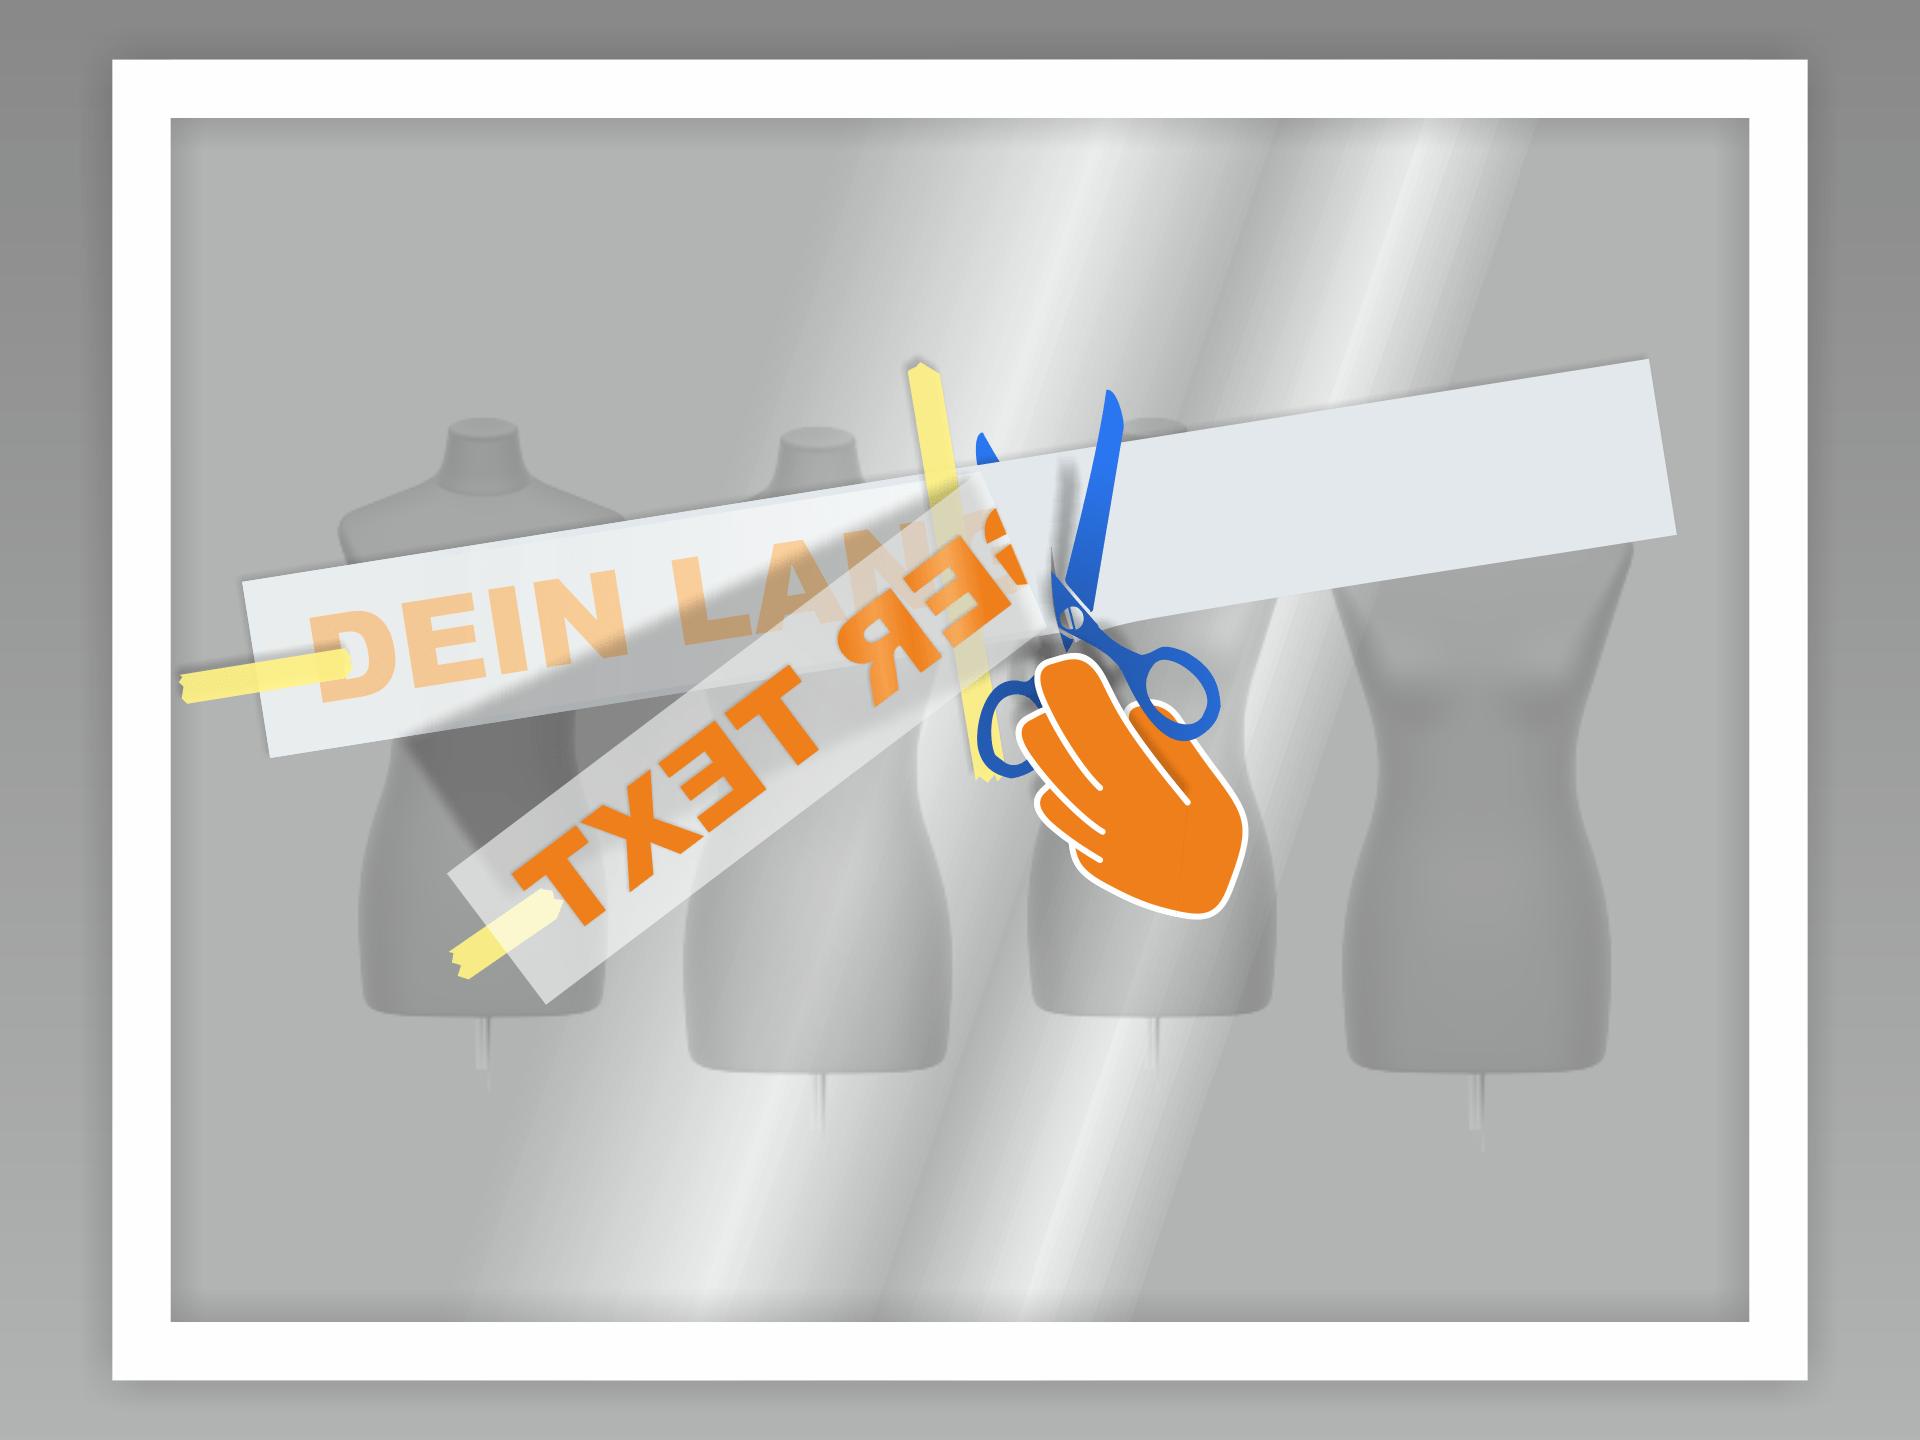 Der mittige Kreppstreifen teilt den Aufkleber in 2 Hälften, die jeweils einzeln aufgeklebt werden. Dazu zunächst die eine Hälfte des Aufkleber umklappen. Dann das Trägerpapier bis zur Mitte lösen und abschneiden.